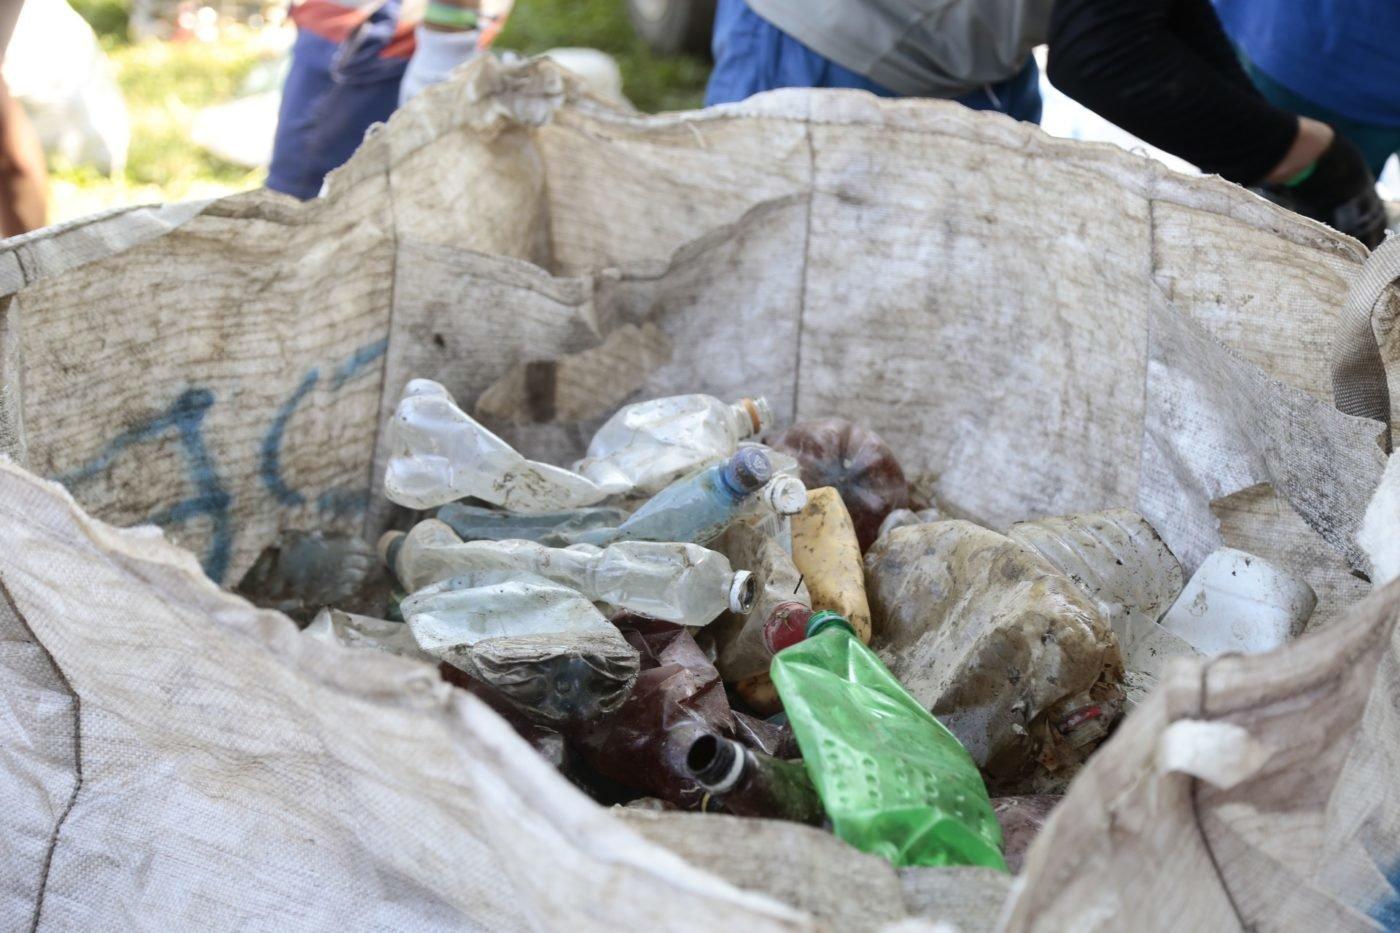 Угорські активісти організовують на Тисі акцію зі збору сміття, що пливе із Закарпаття (ФОТО) , фото-2